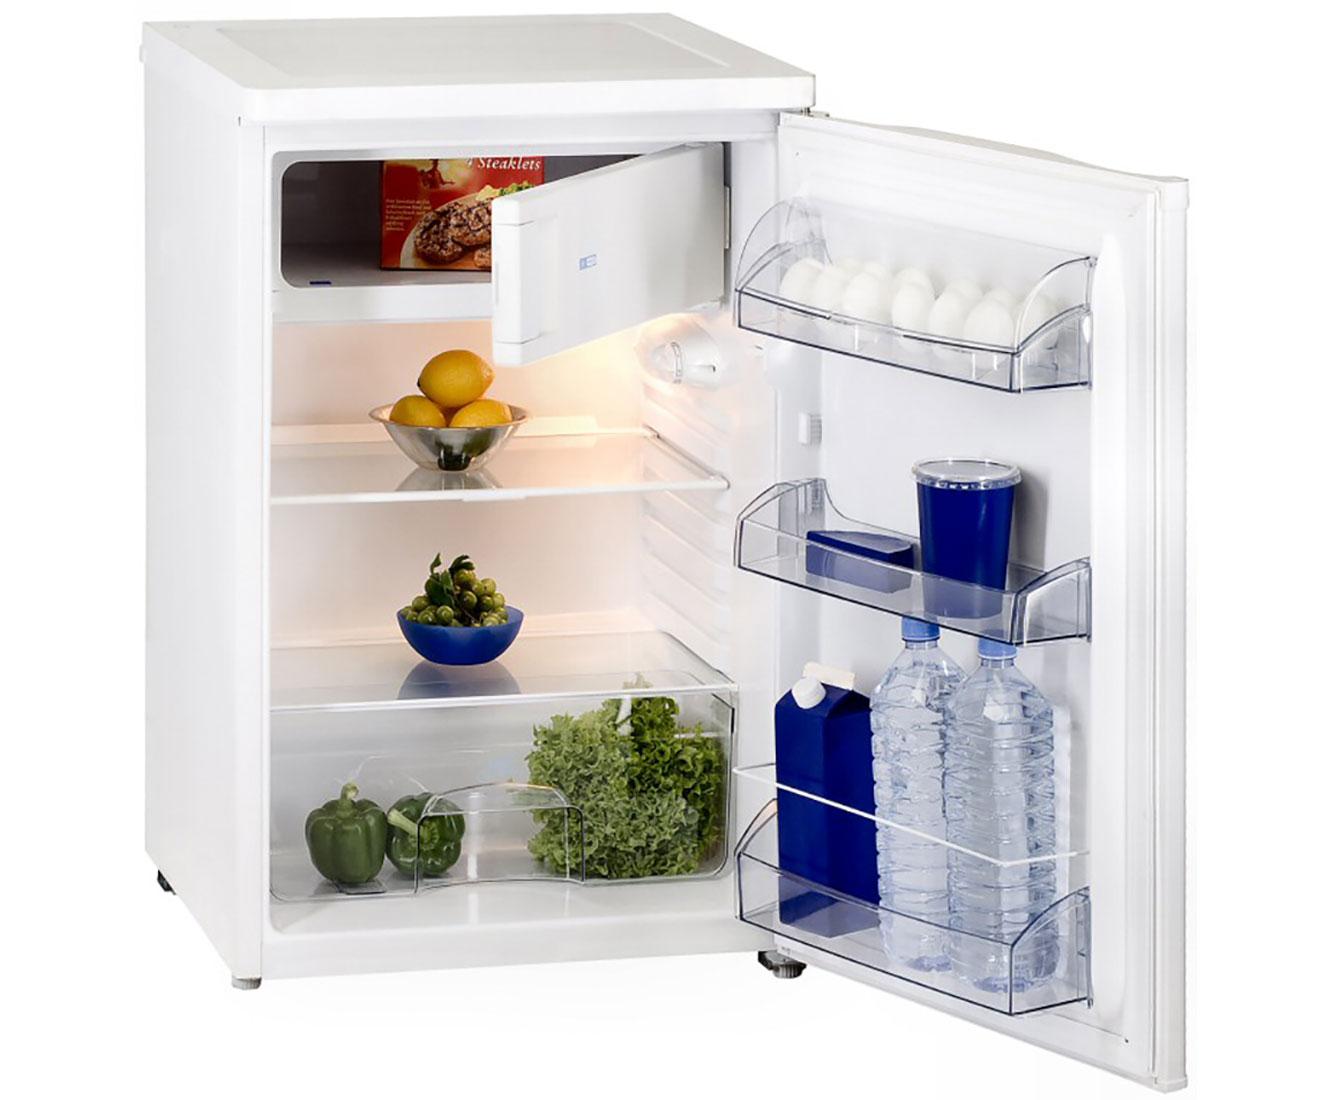 Kleiner Kühlschrank Bei Real : Exquisit kk z mini küche weiß saturn einbaukühlschrank k